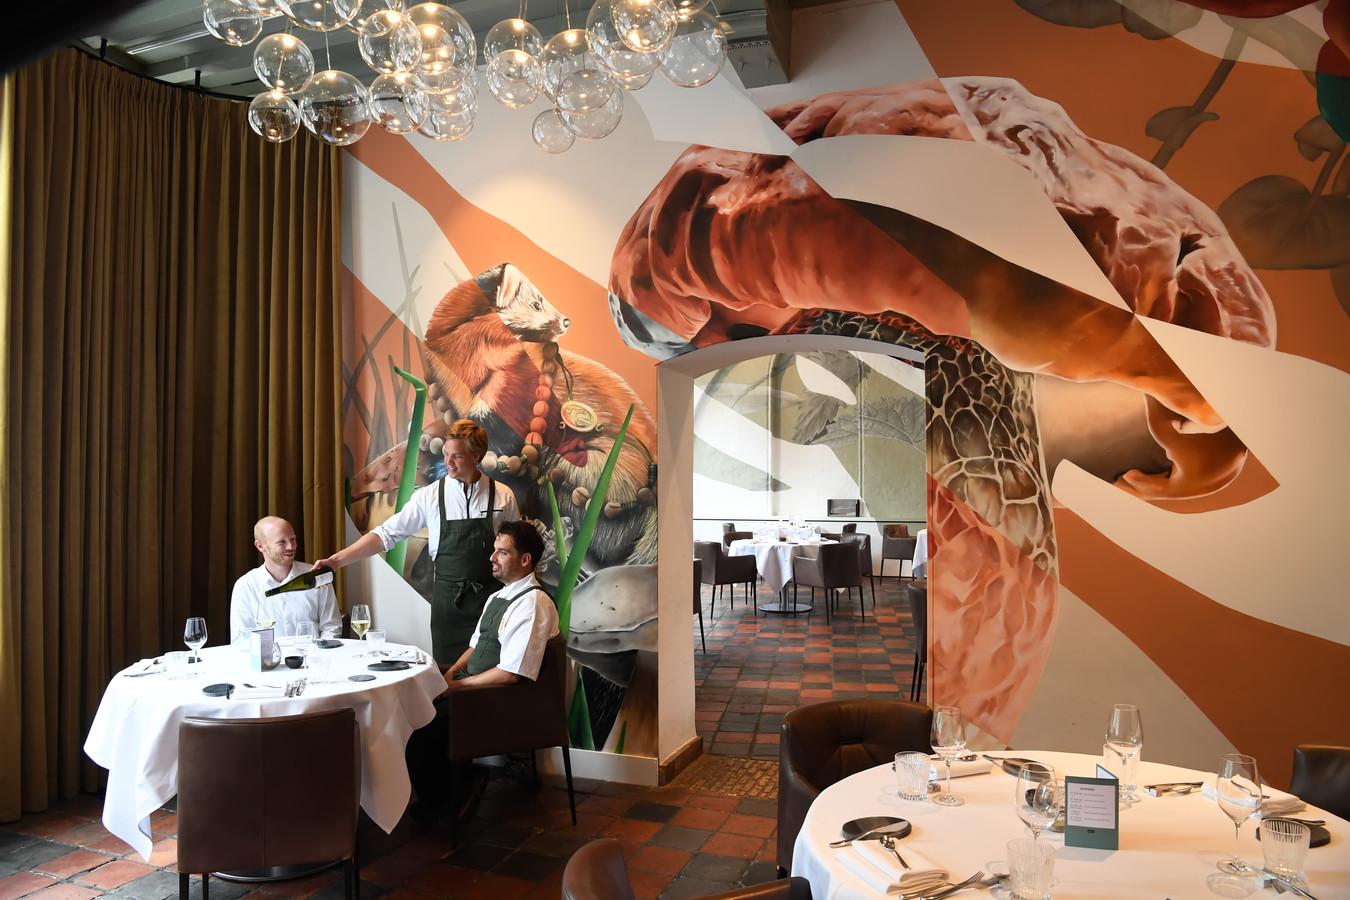 """Restaurant 't Weeshuys is genomineerd voor een internationale design award voor restaurants en bars in de categorie """"murals & graffiti""""."""